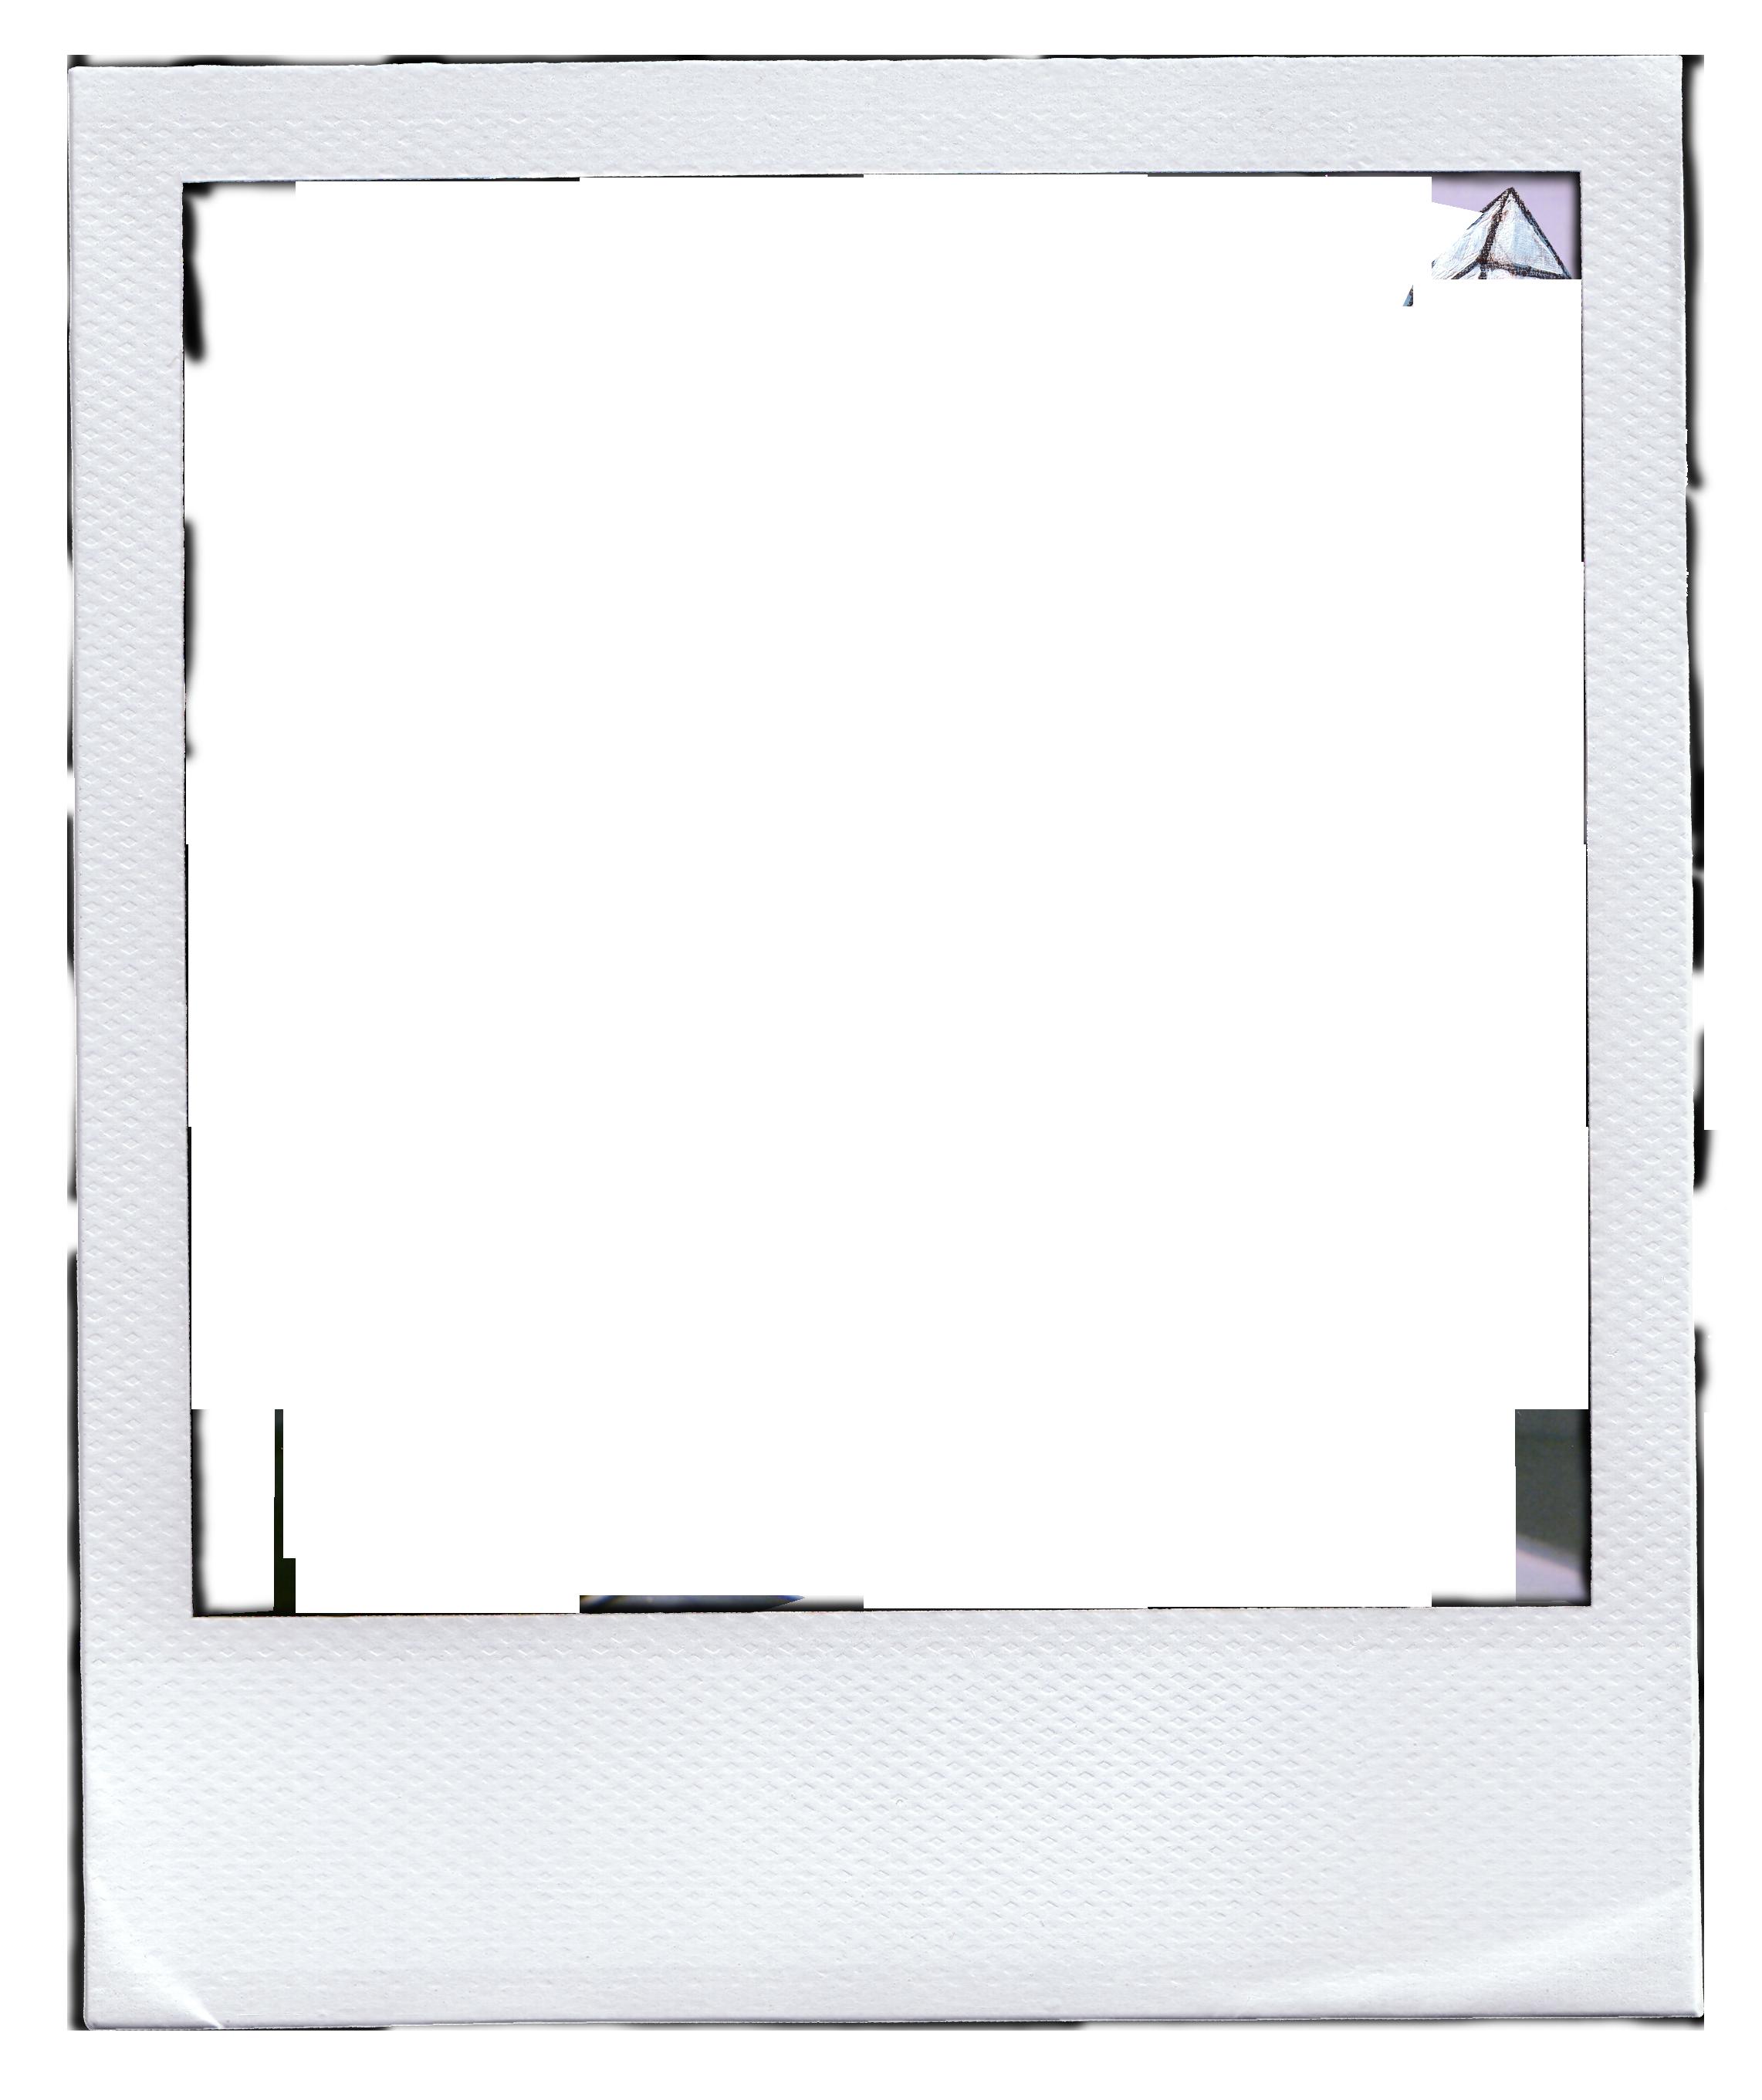 фильмах как сделать фотографию в белом квадрате дисковую квоту